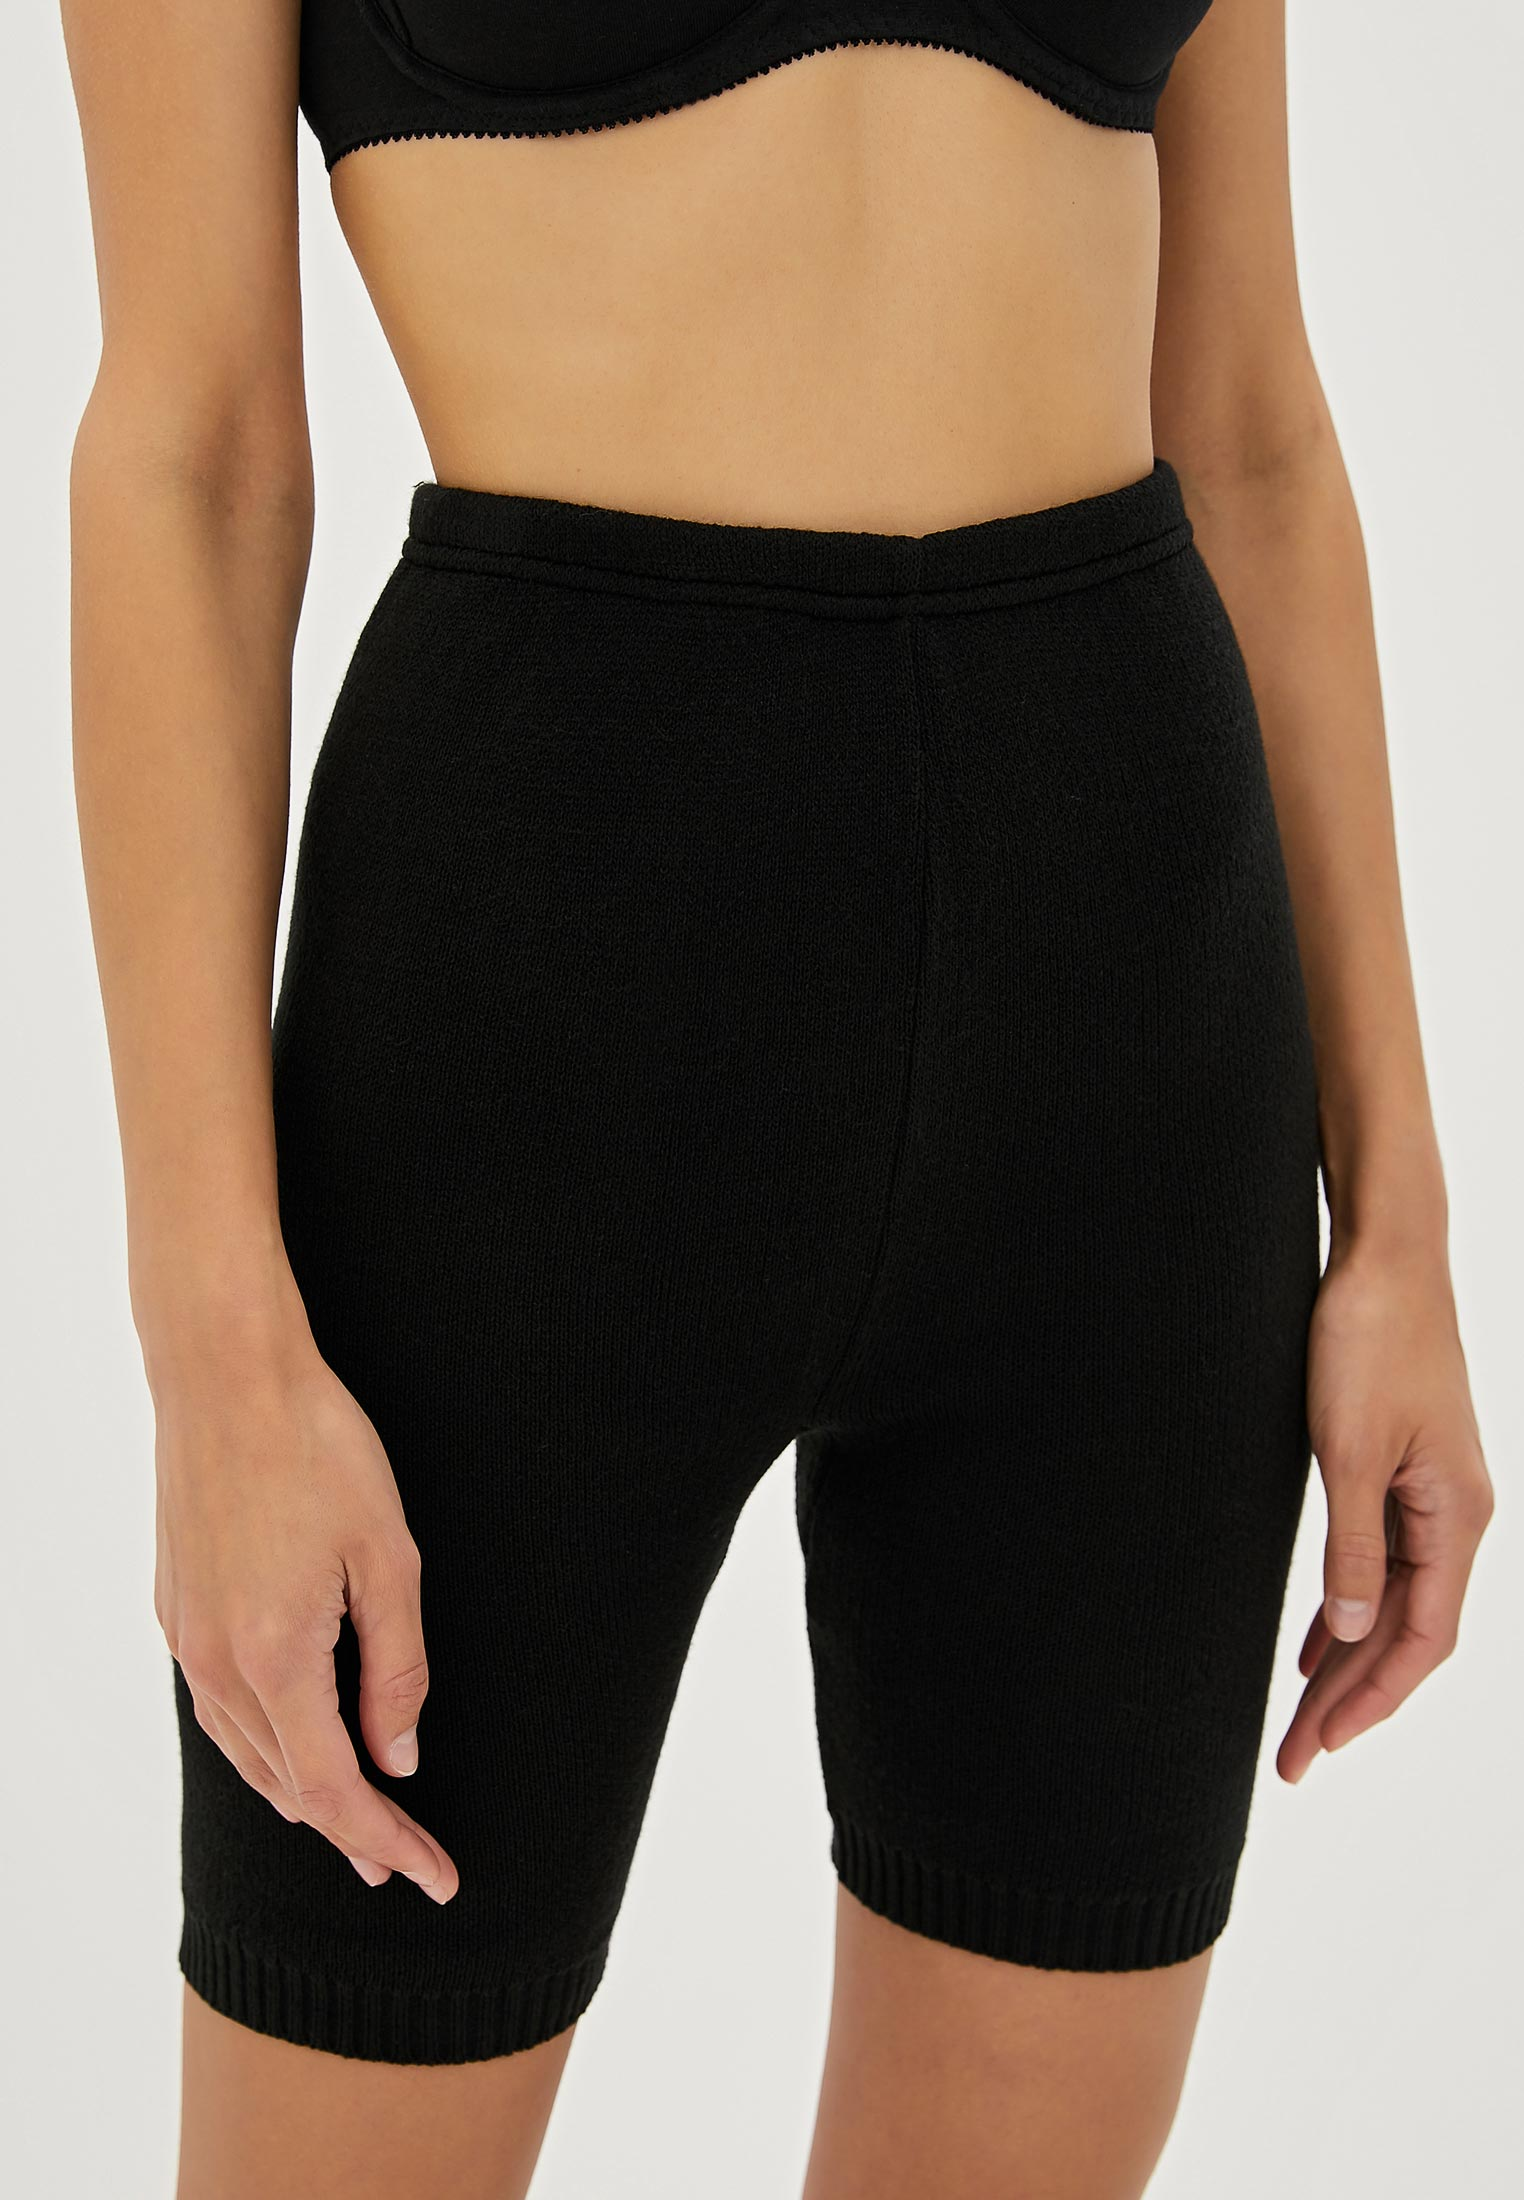 Панталоны женские НОВОЕ ВРЕМЯ T037 черные 56 RU